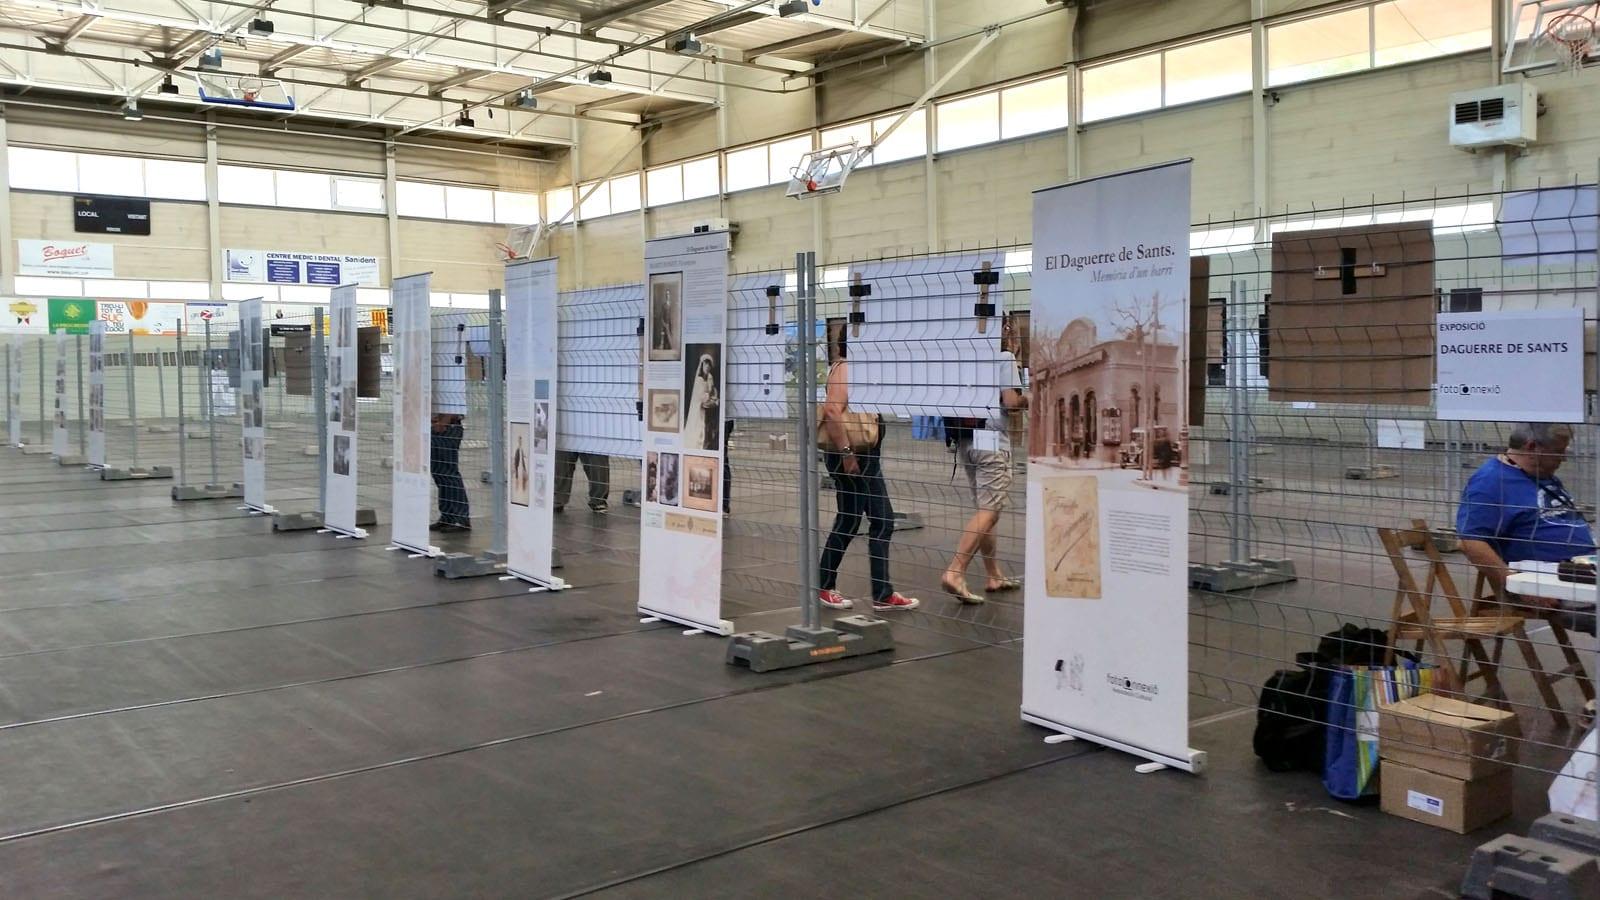 """L'exposició """"El Daguerre de Sants. Memòria d'un barri"""" al festival Fotographic Parets'15"""